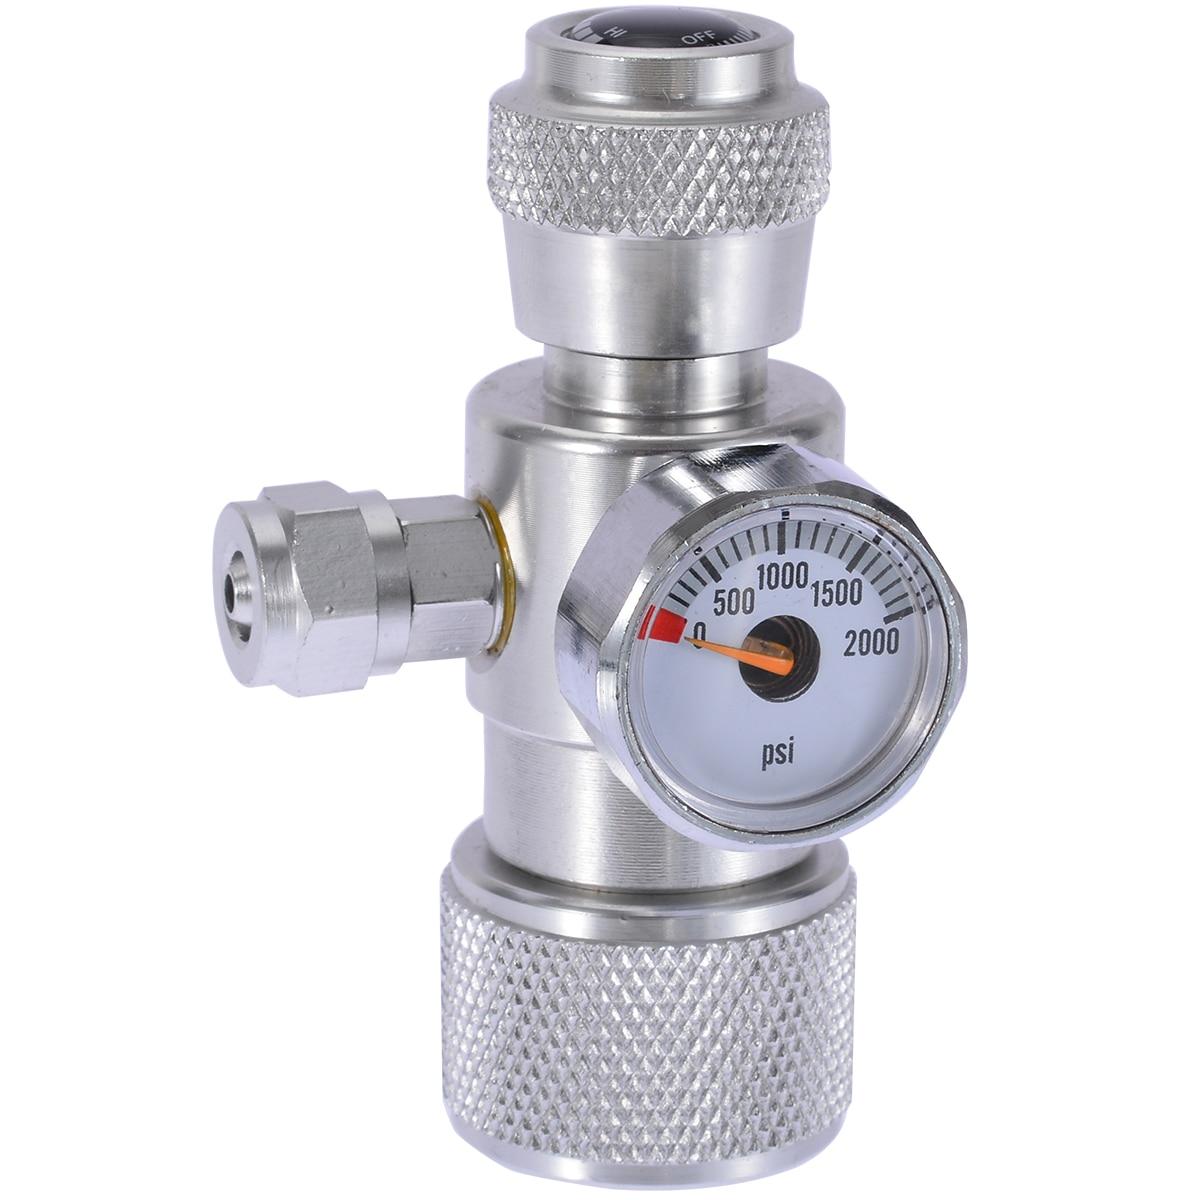 Liga de alumínio CO2 Musgo Aquário Planta Peixe Único Regulador Manômetro Medidor de Pressão Equipamentos Acessórios Do Aquário